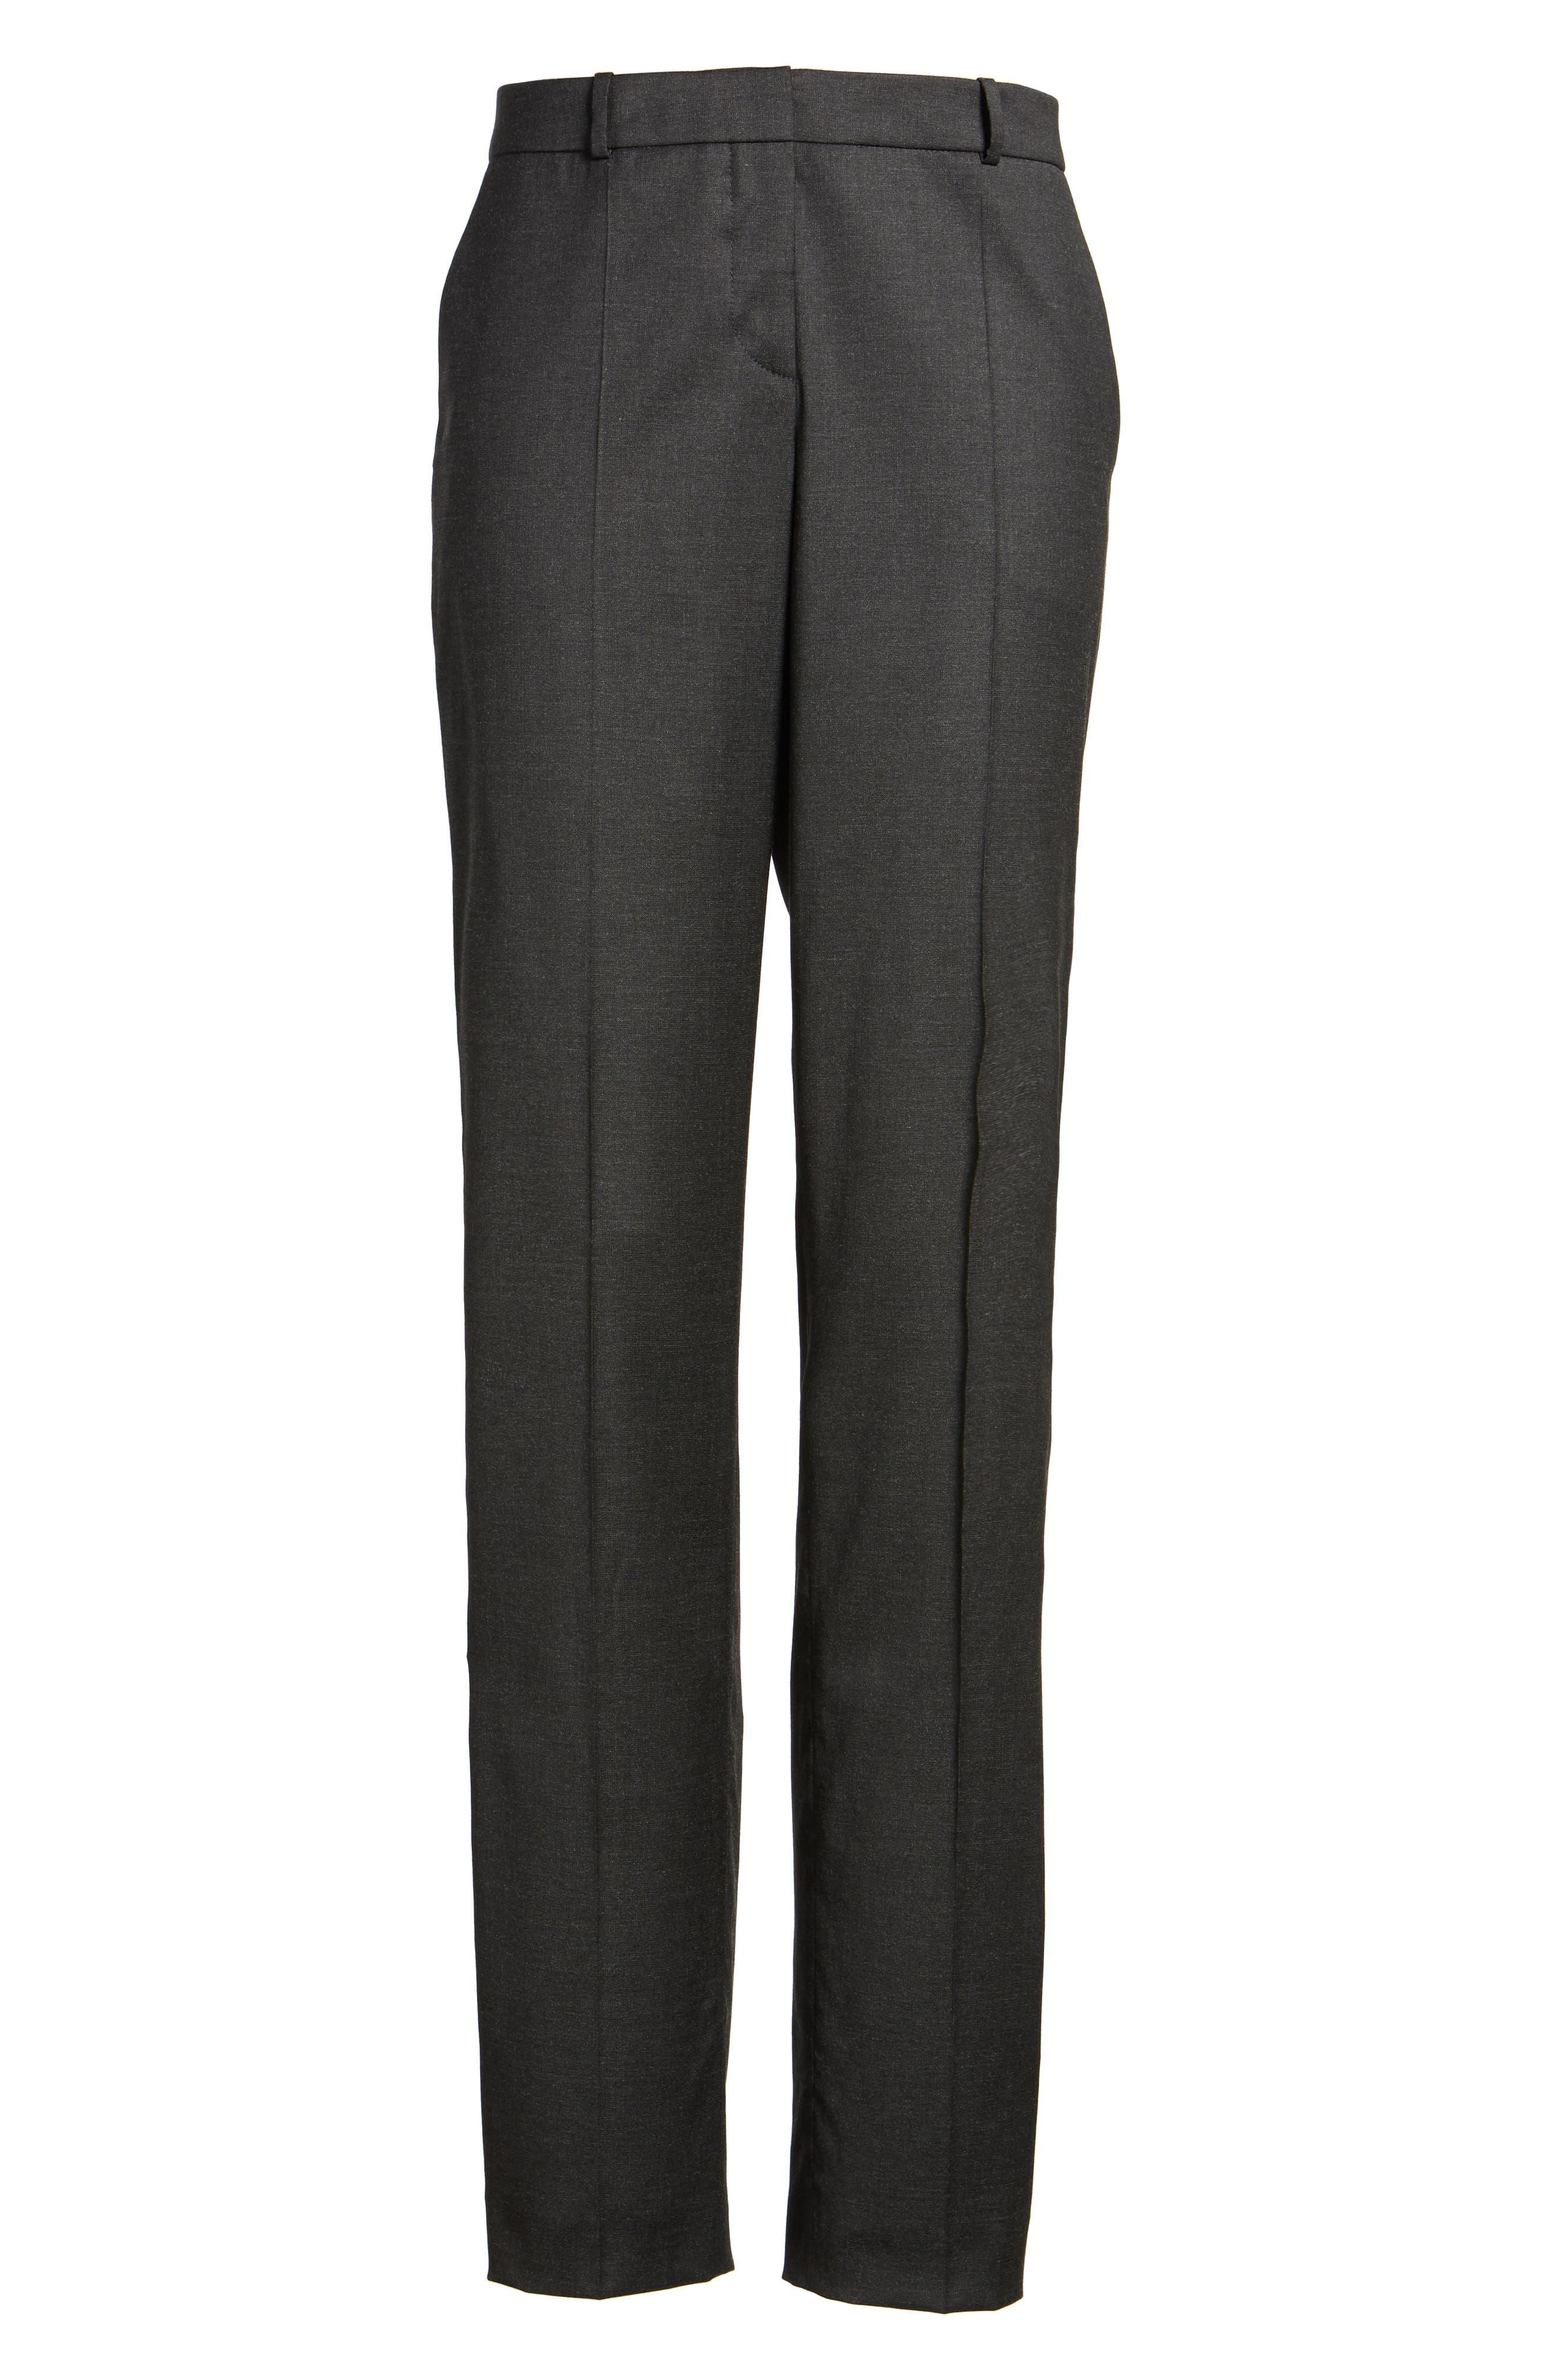 Tilunana Stretch Wool Blend Suit Trousers,                             Alternate thumbnail 6, color,                             094